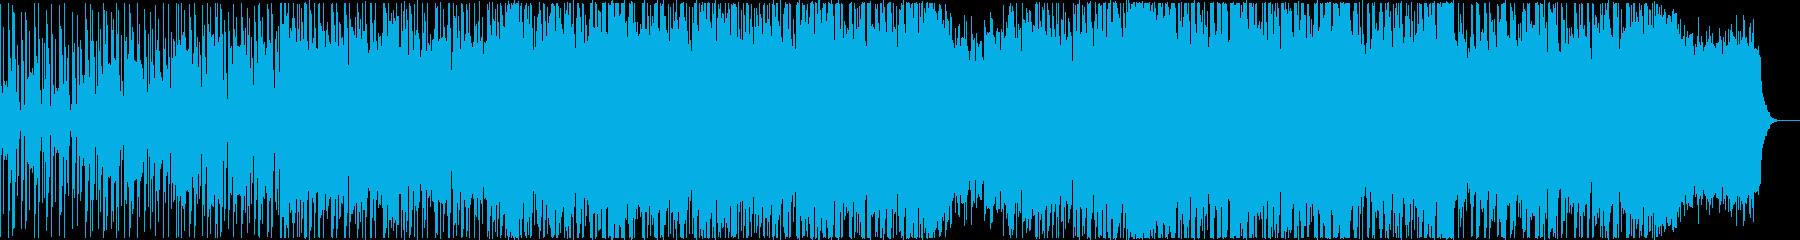 ピアノが透明感を感じさせるドラムンベースの再生済みの波形